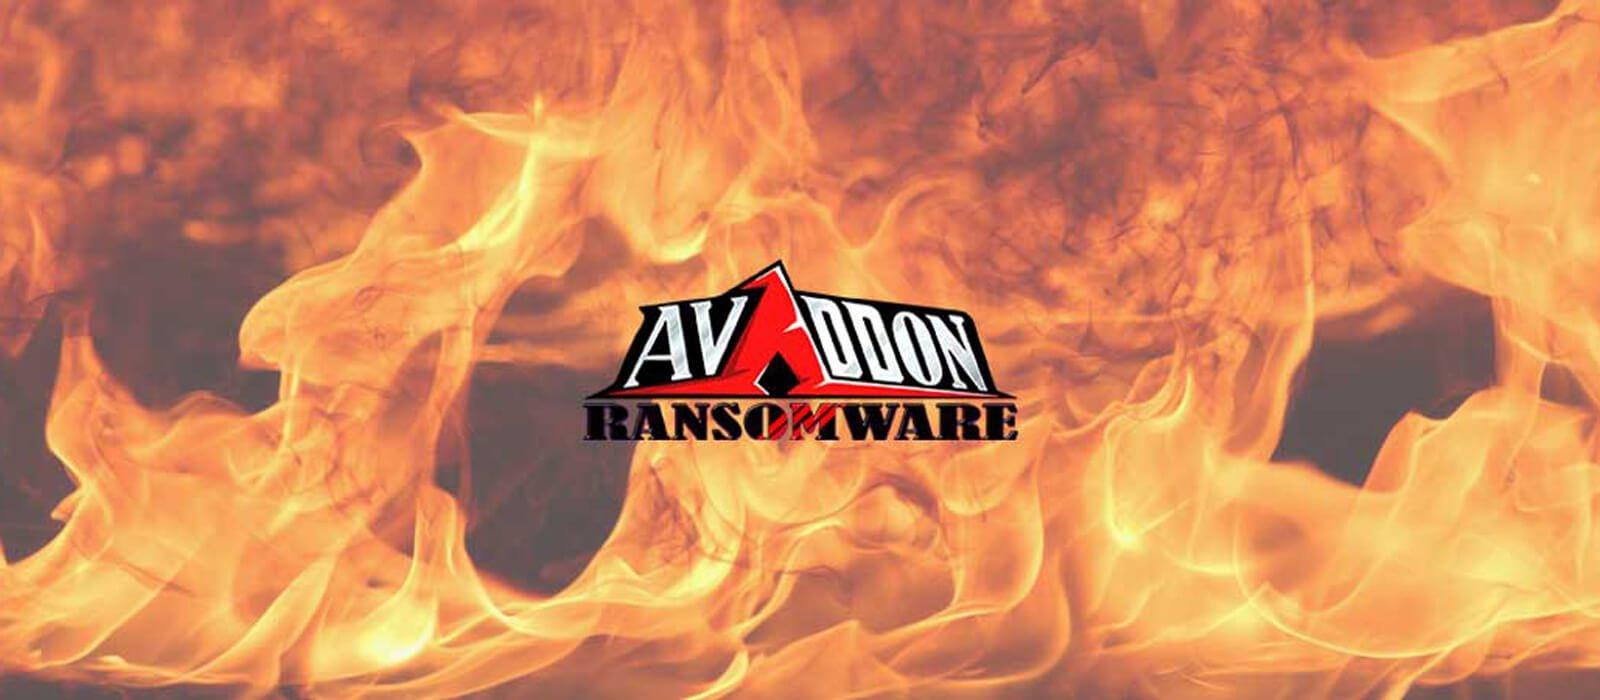 Avaddon ransomware lancia un sito per estorcere soldi alle vittime